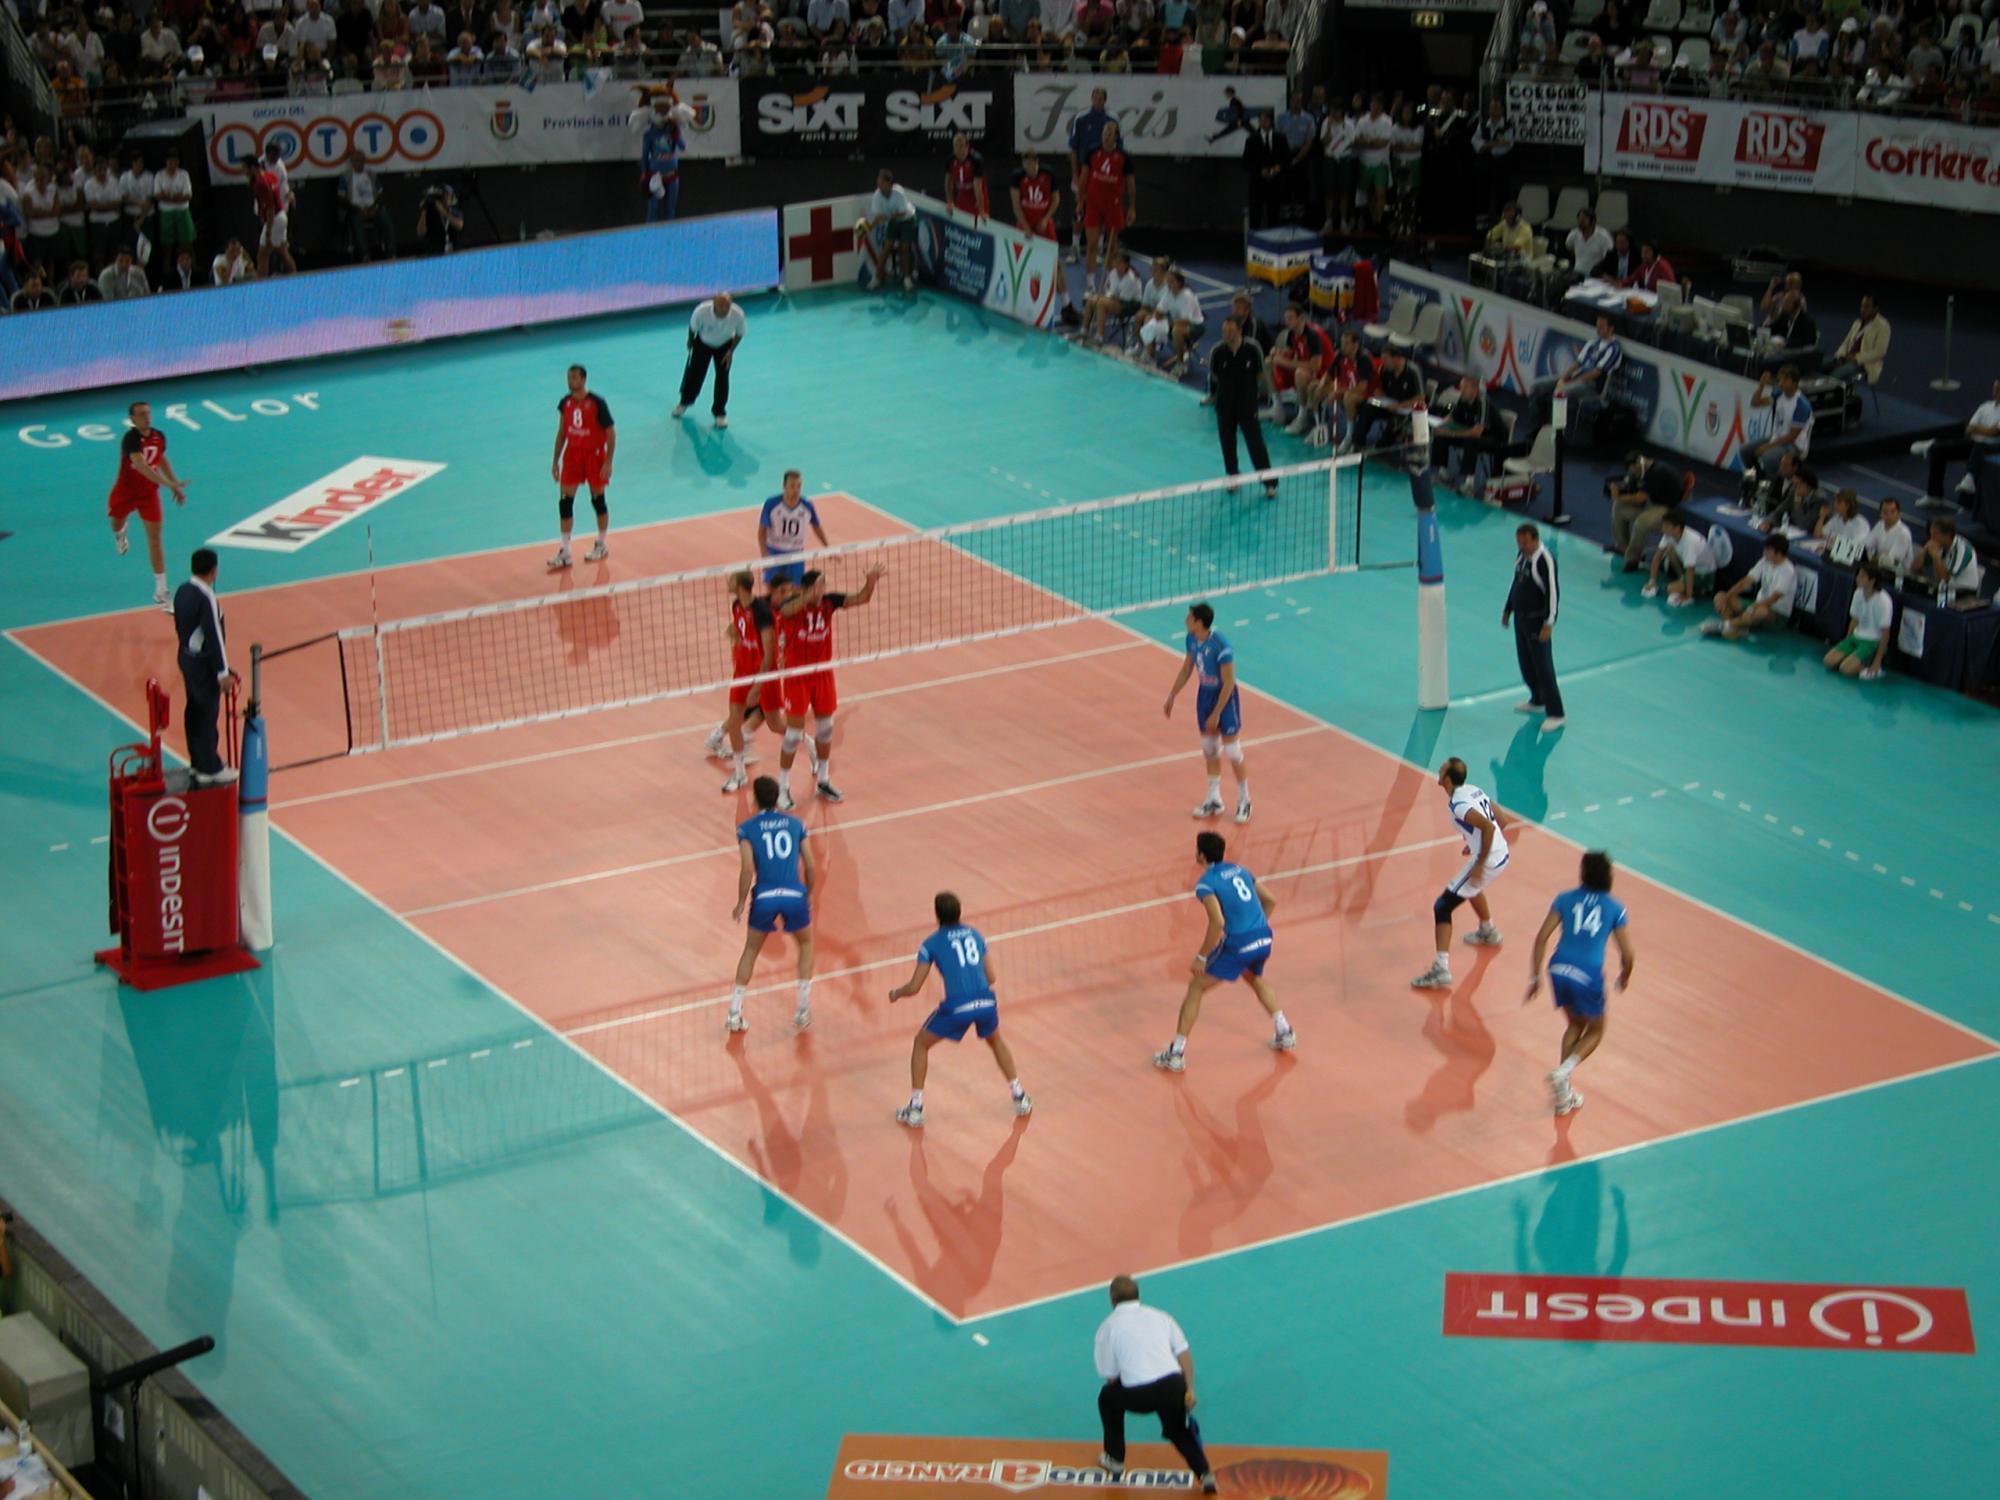 Volley, scelte le sedi degli appuntamenti internazionali del 2017